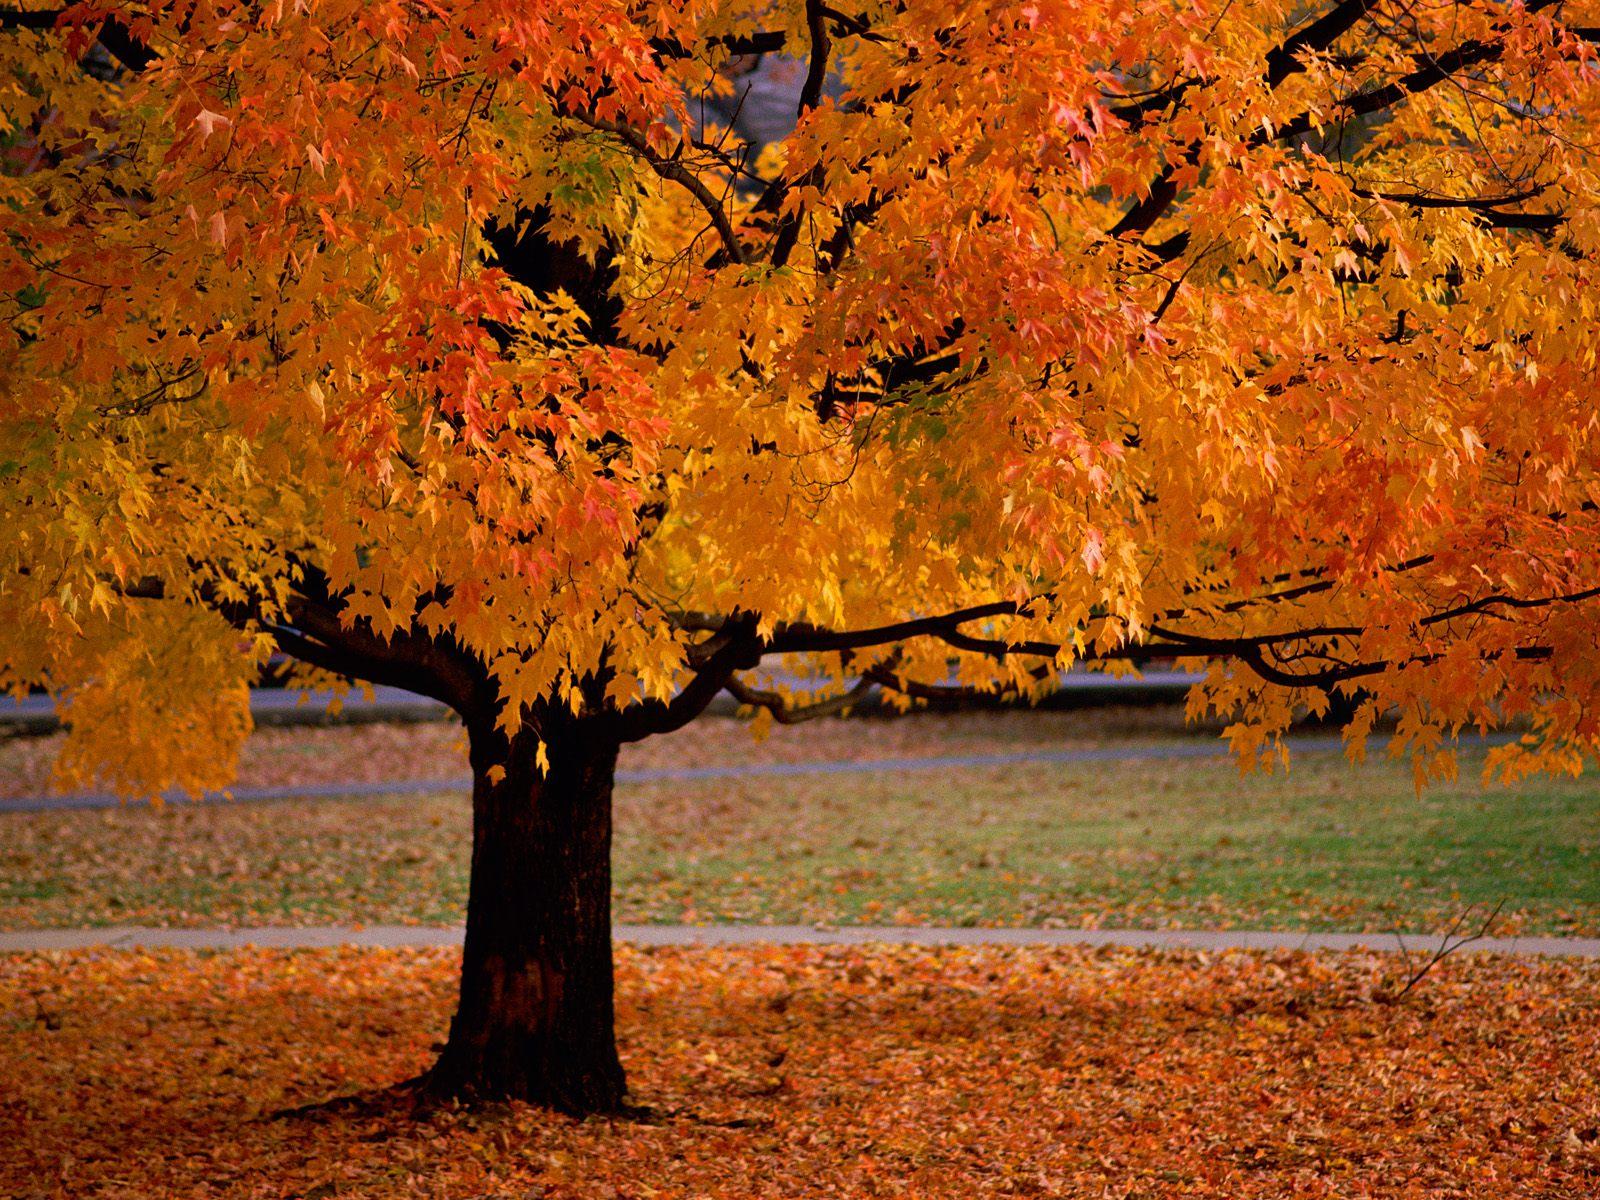 http://4.bp.blogspot.com/-KbUGDNb8KWY/TwWAezDP-pI/AAAAAAAAAEQ/pb25kjc89kk/s1600/Autumn%2BWallpapers%2BHD%2B3.jpg